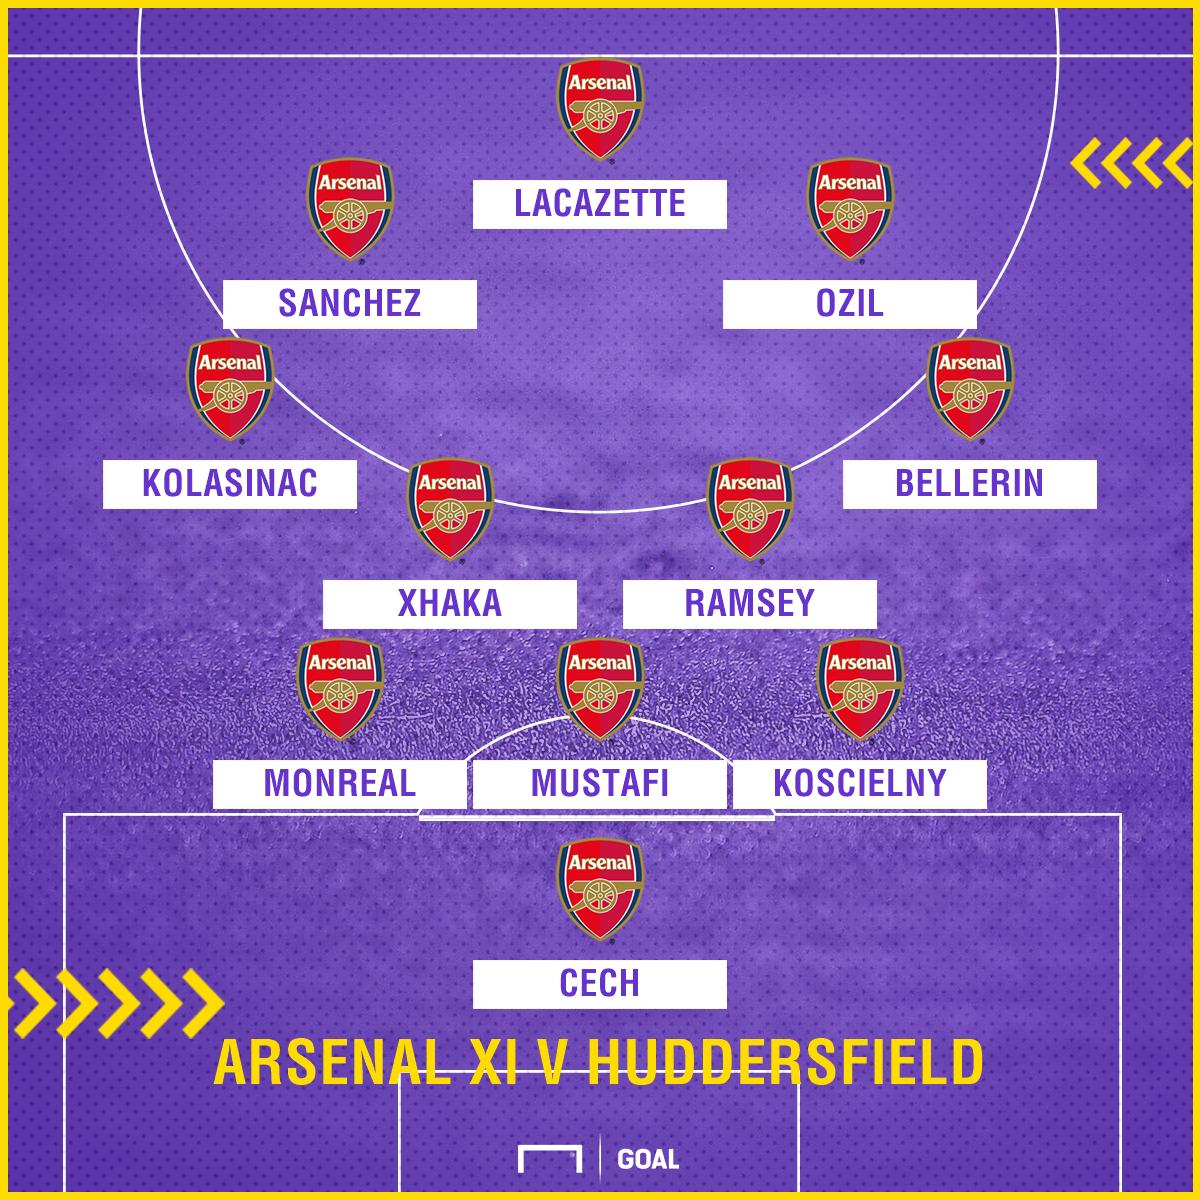 Arsenal XI v Huddersfield 291117